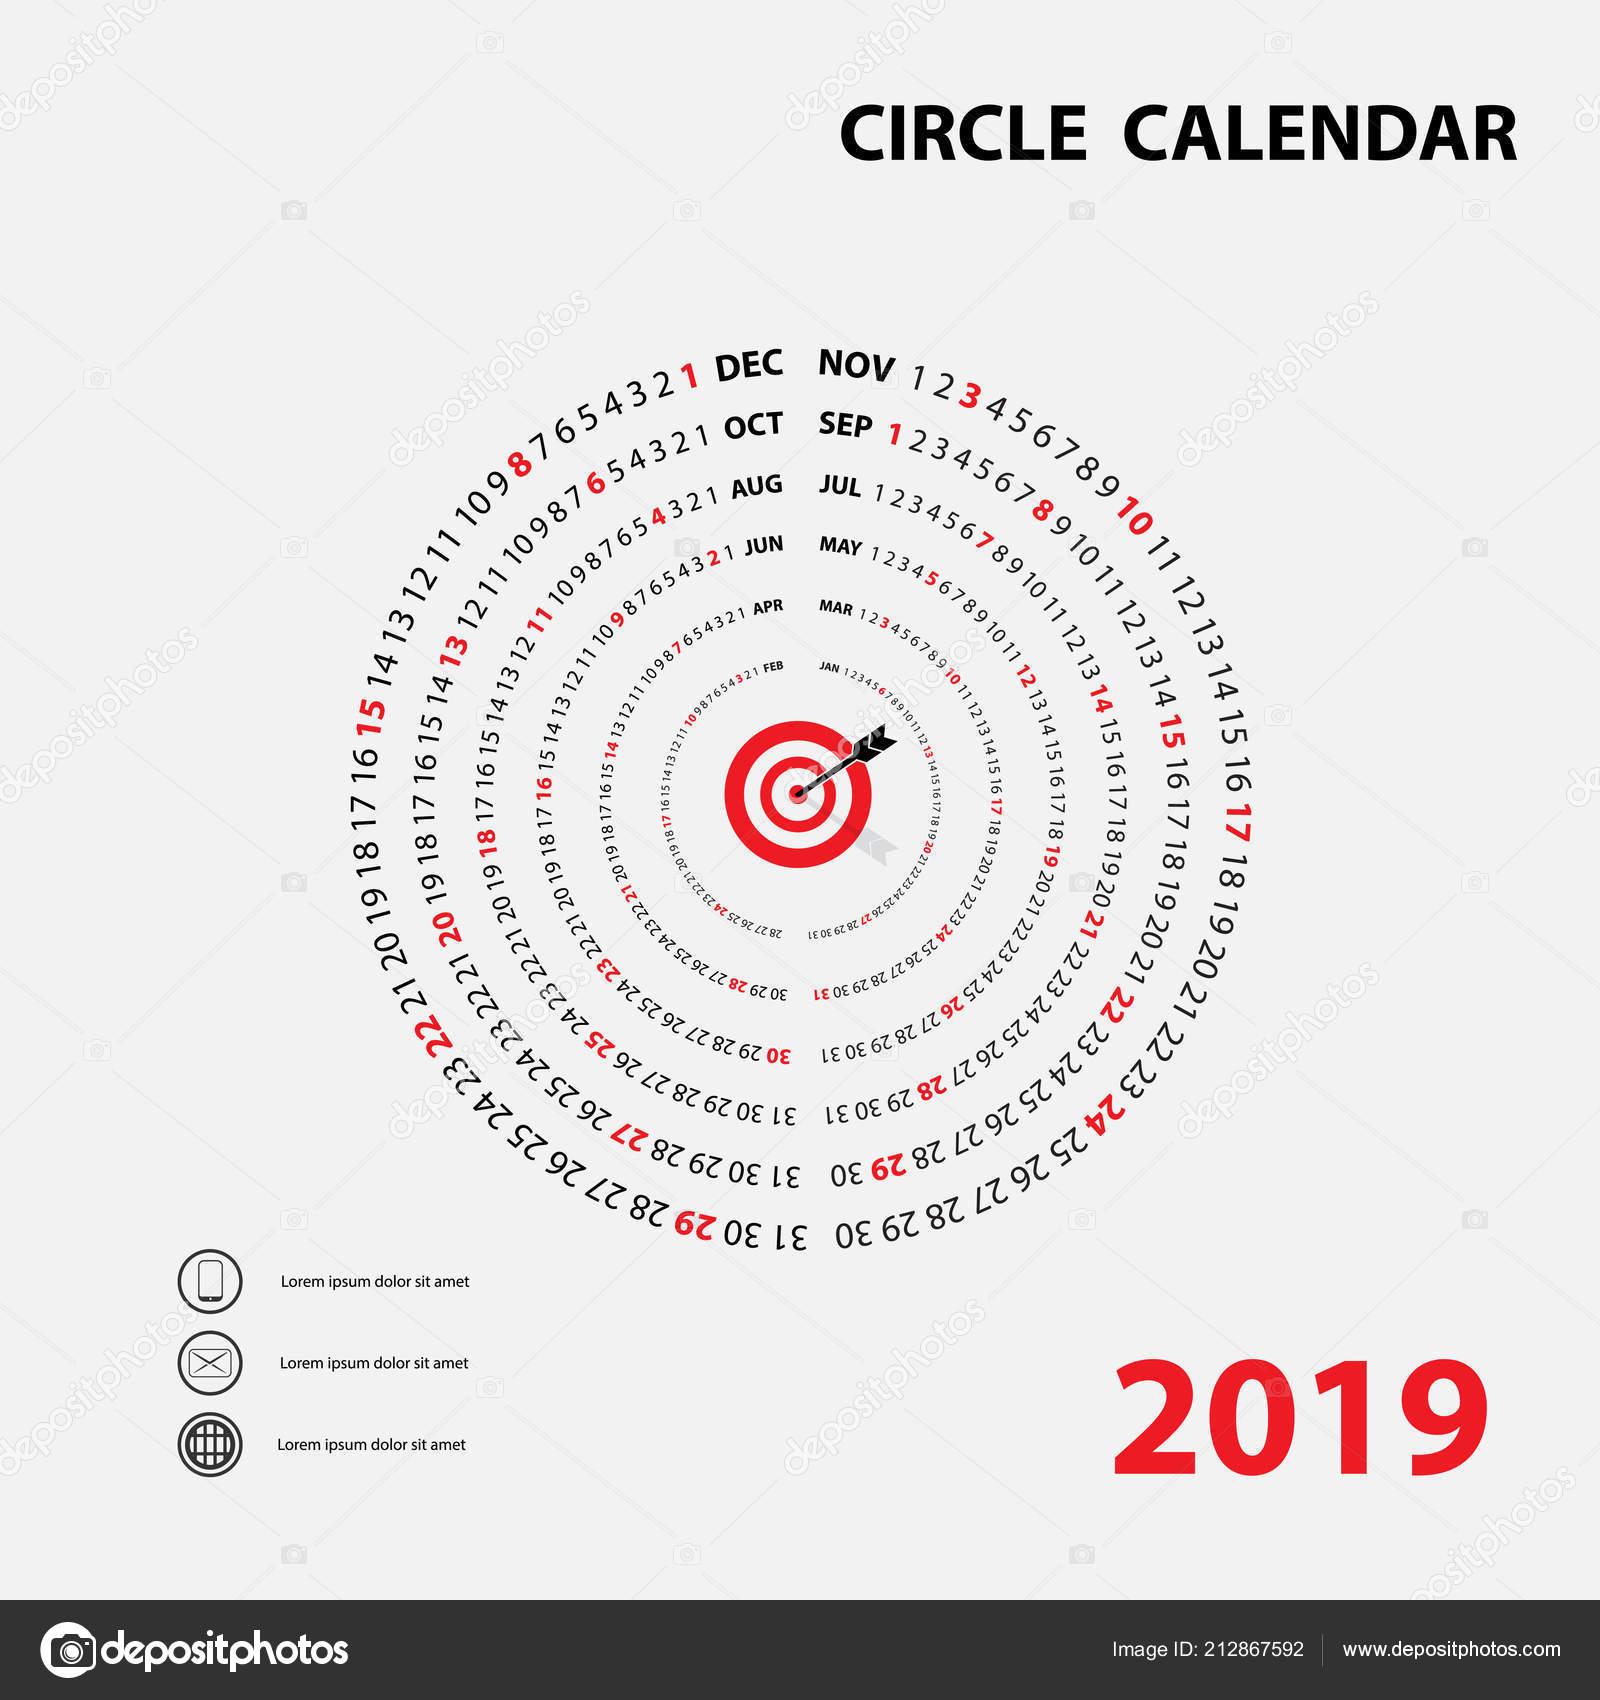 2019 Calendar Template Circle Calendar Calendar 2019 Set Months